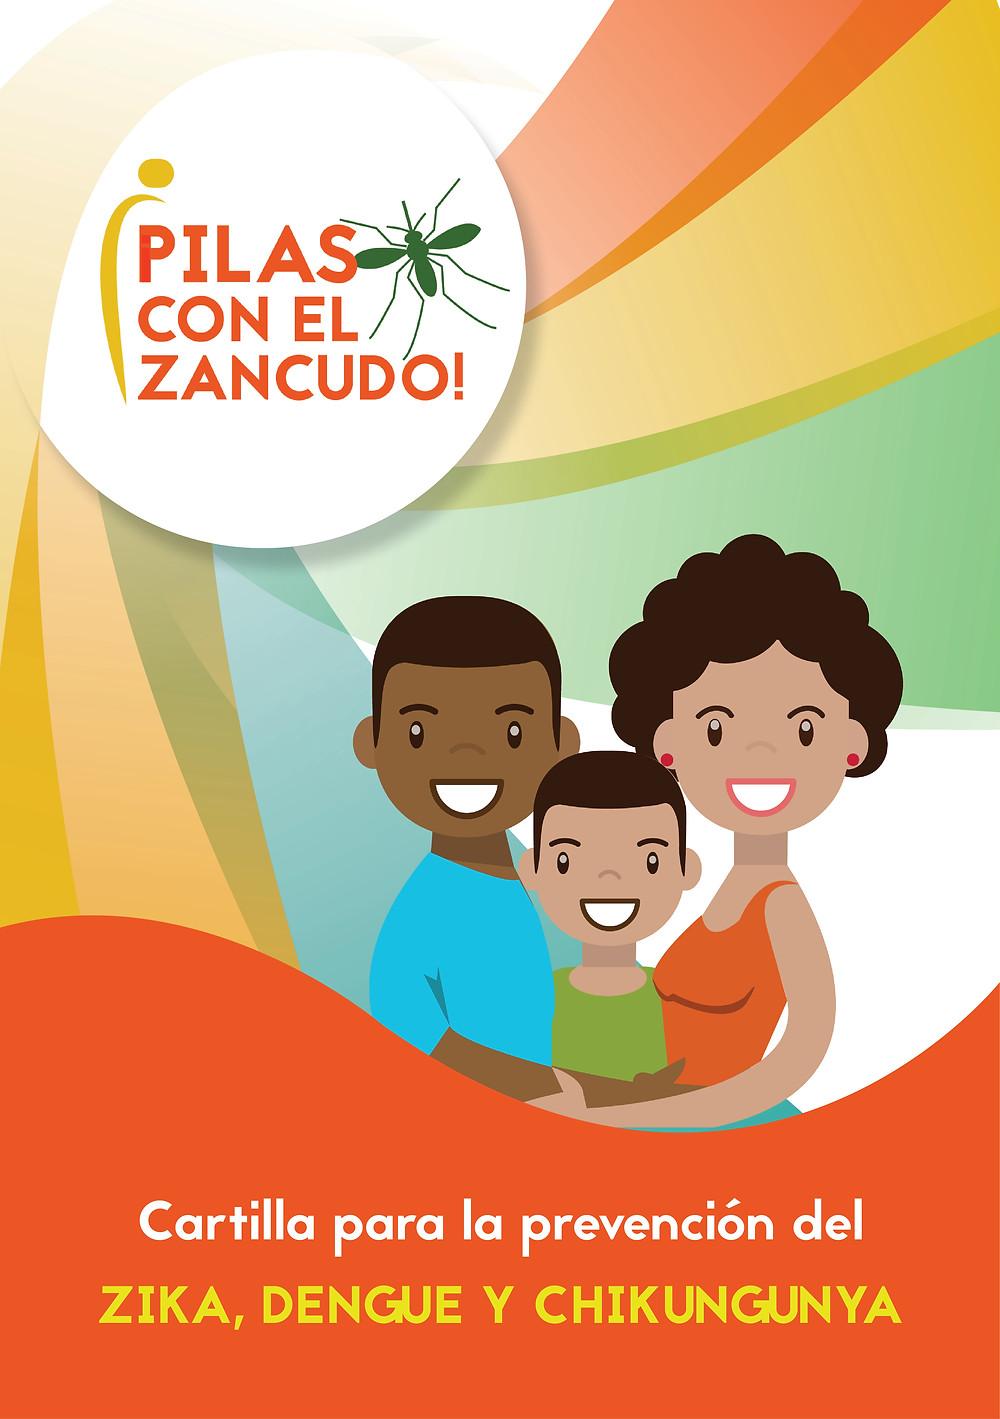 Portada de cartilla o guía para prevención del zika, dengue y chikungunya